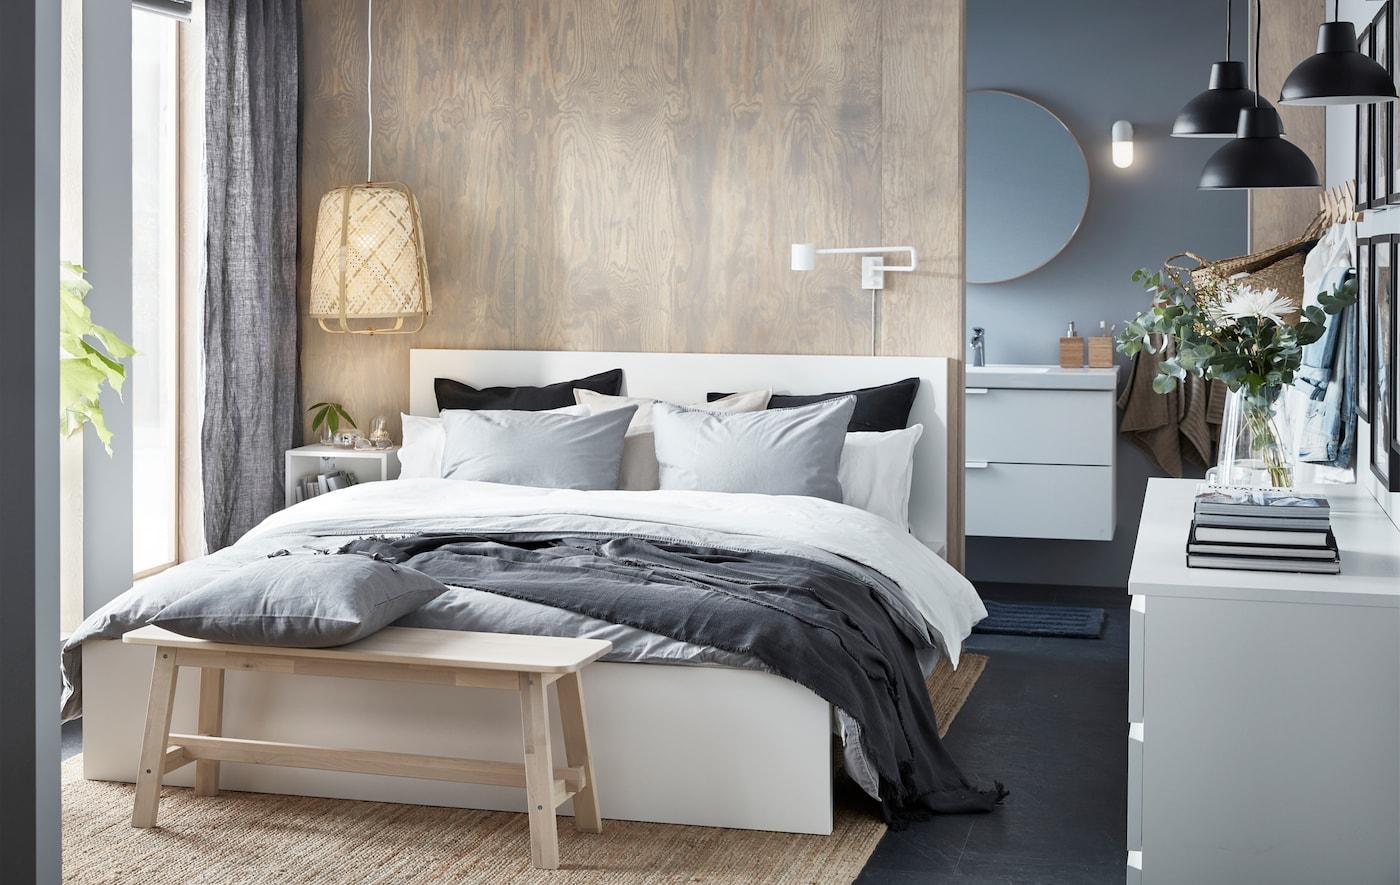 Élégance minimaliste pour une petite chambre - IKEA